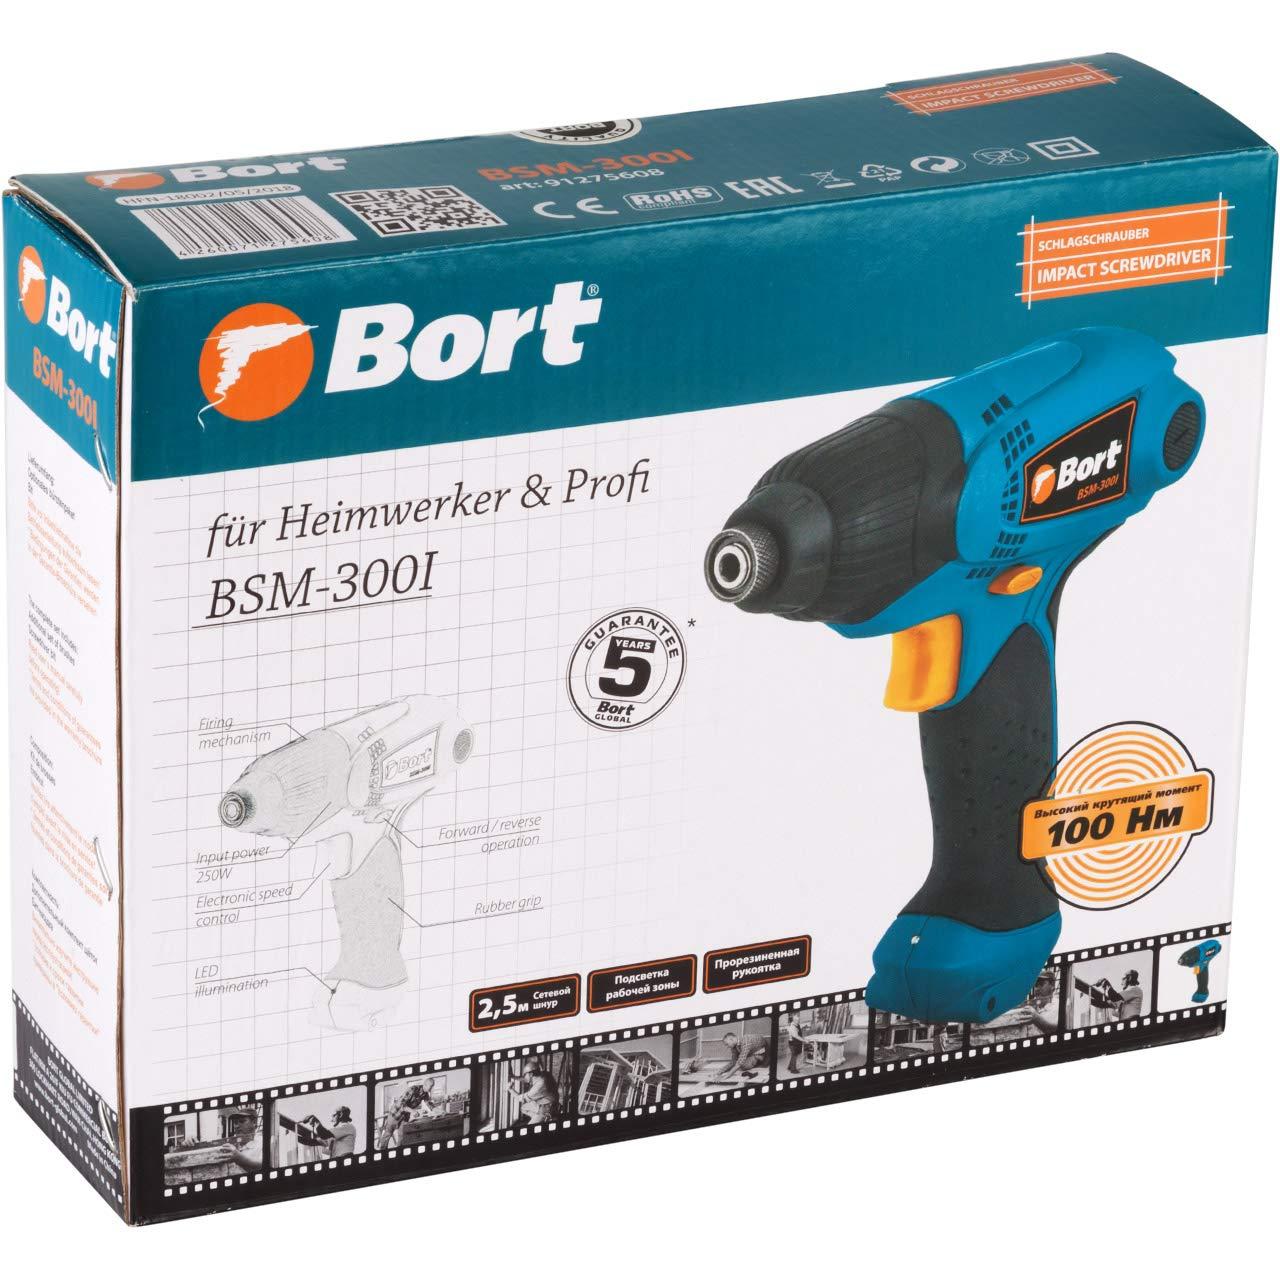 Bort BSM-300I Visseuse /électrique 250 W 100 Nm